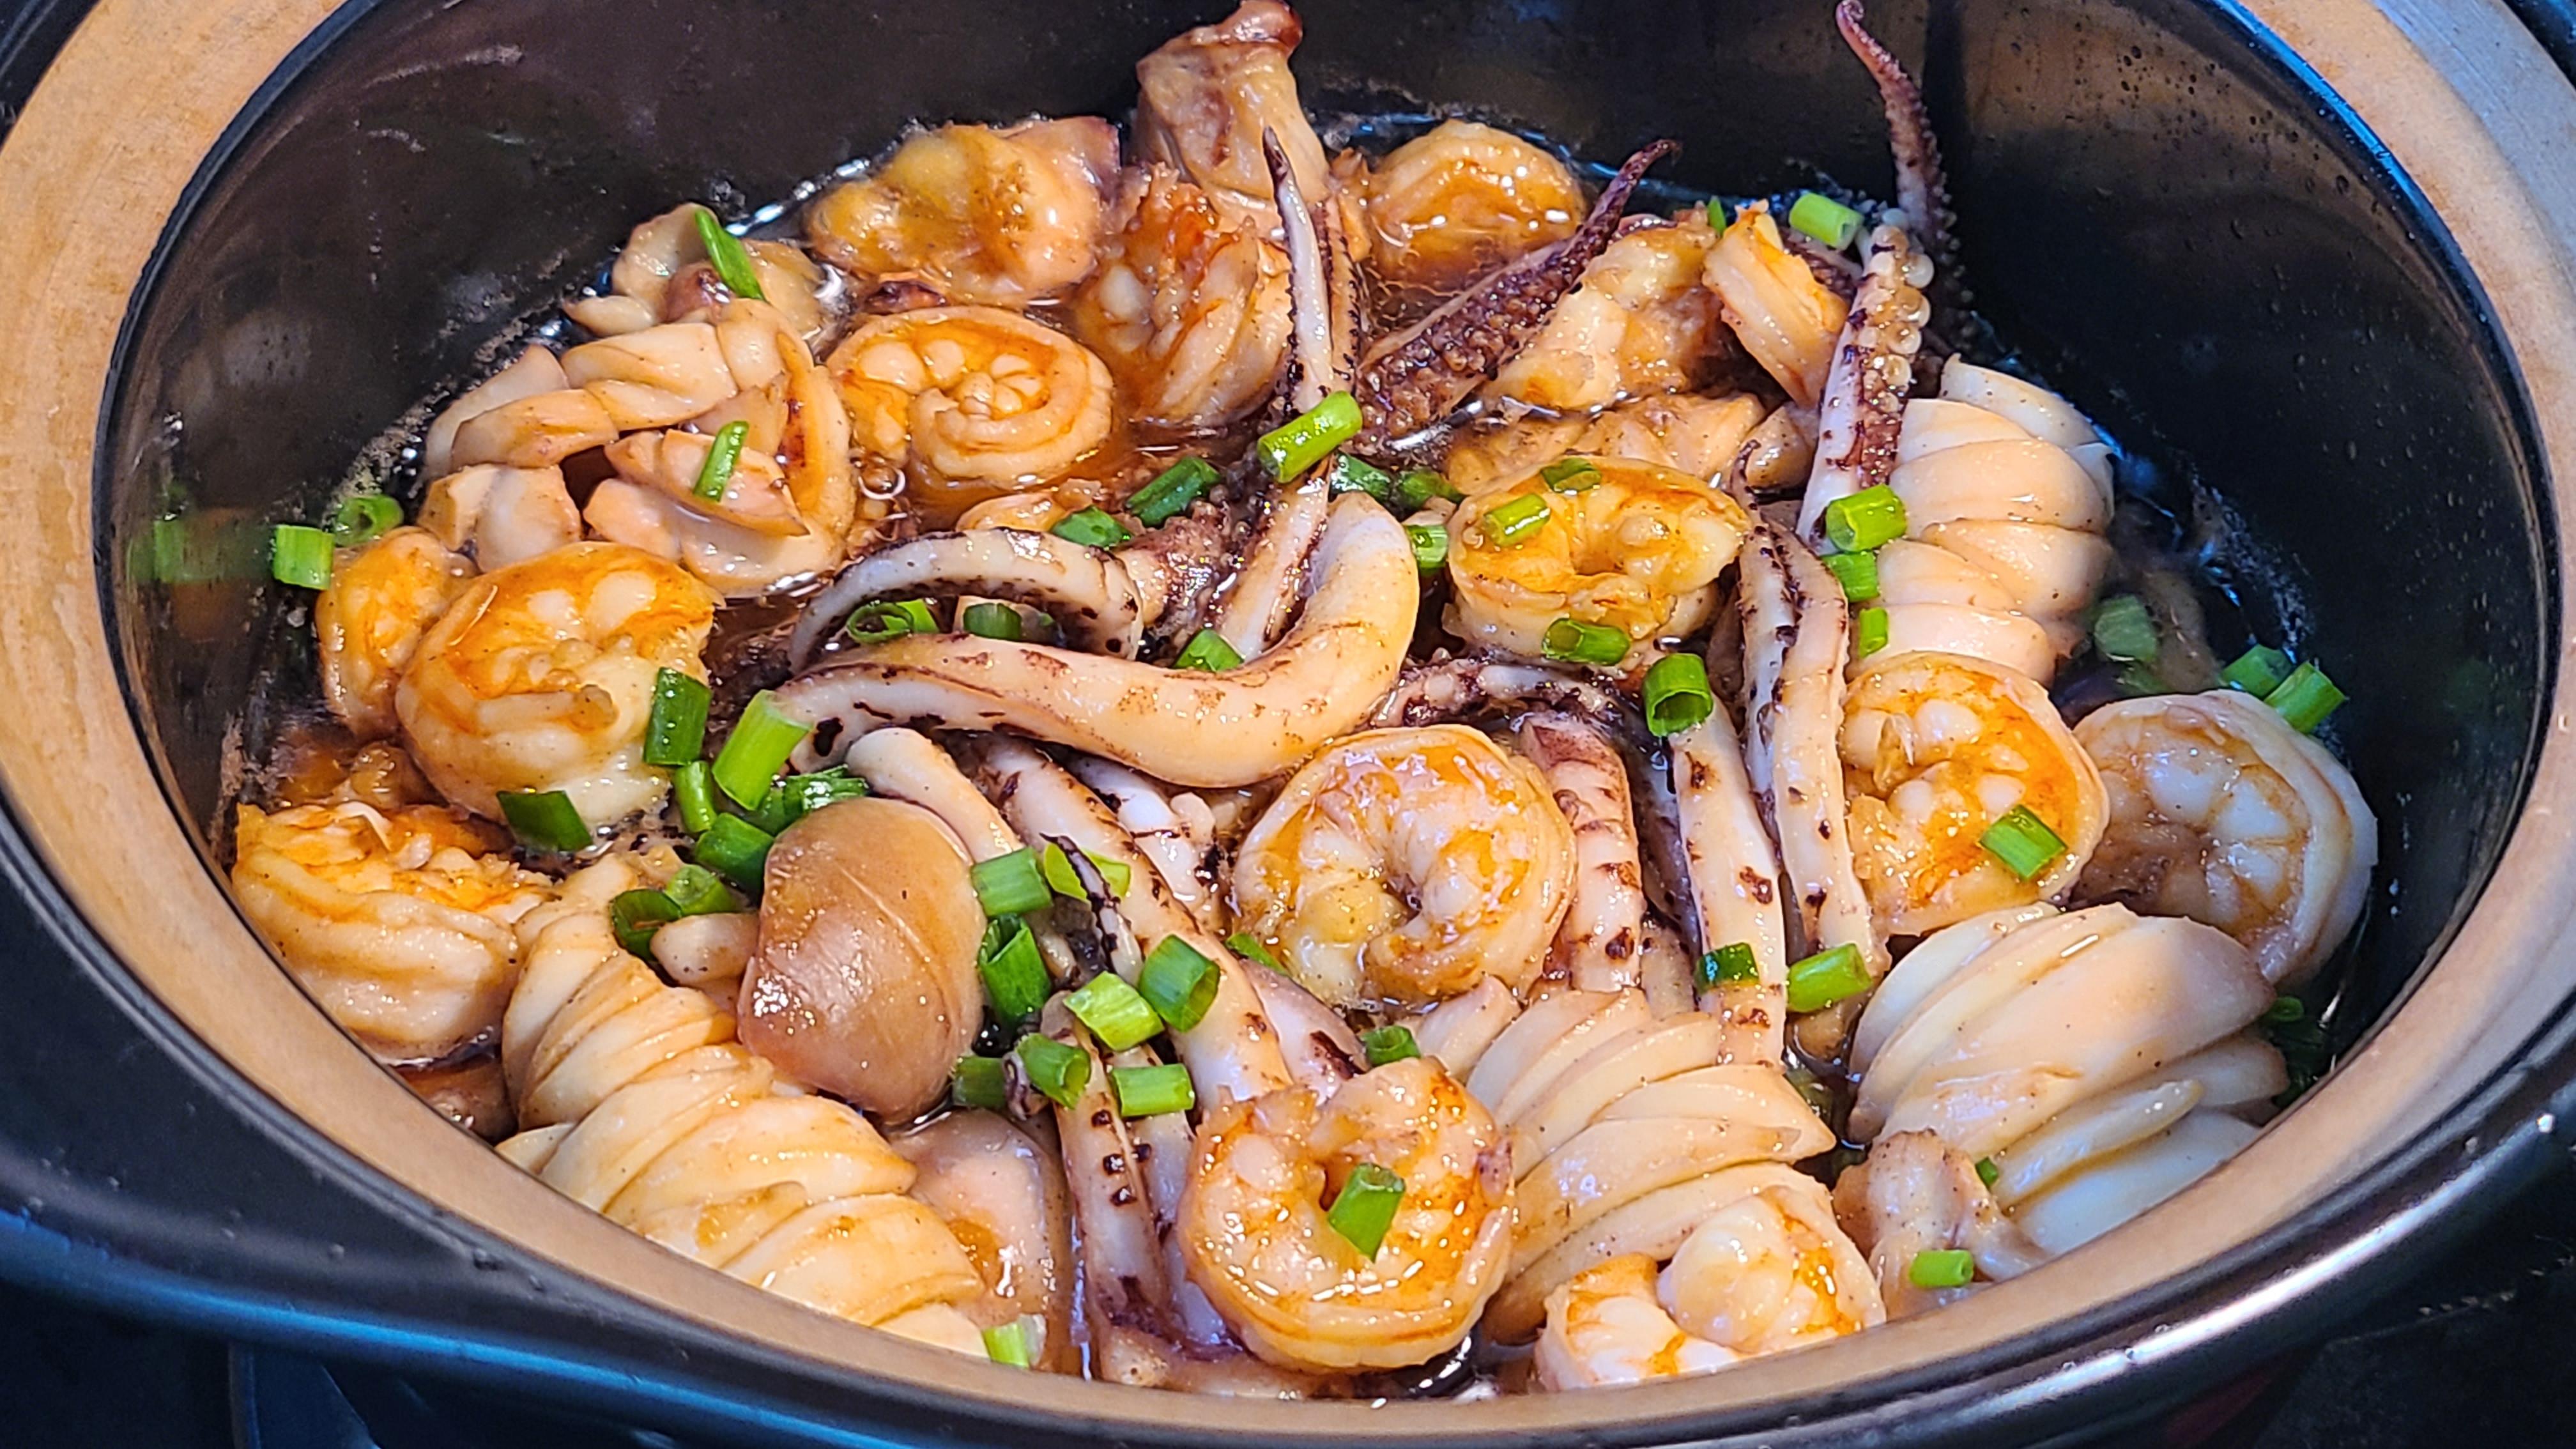 魷魚蝦煲這樣做太香了,很好吃的家常菜,味道鮮美又簡單